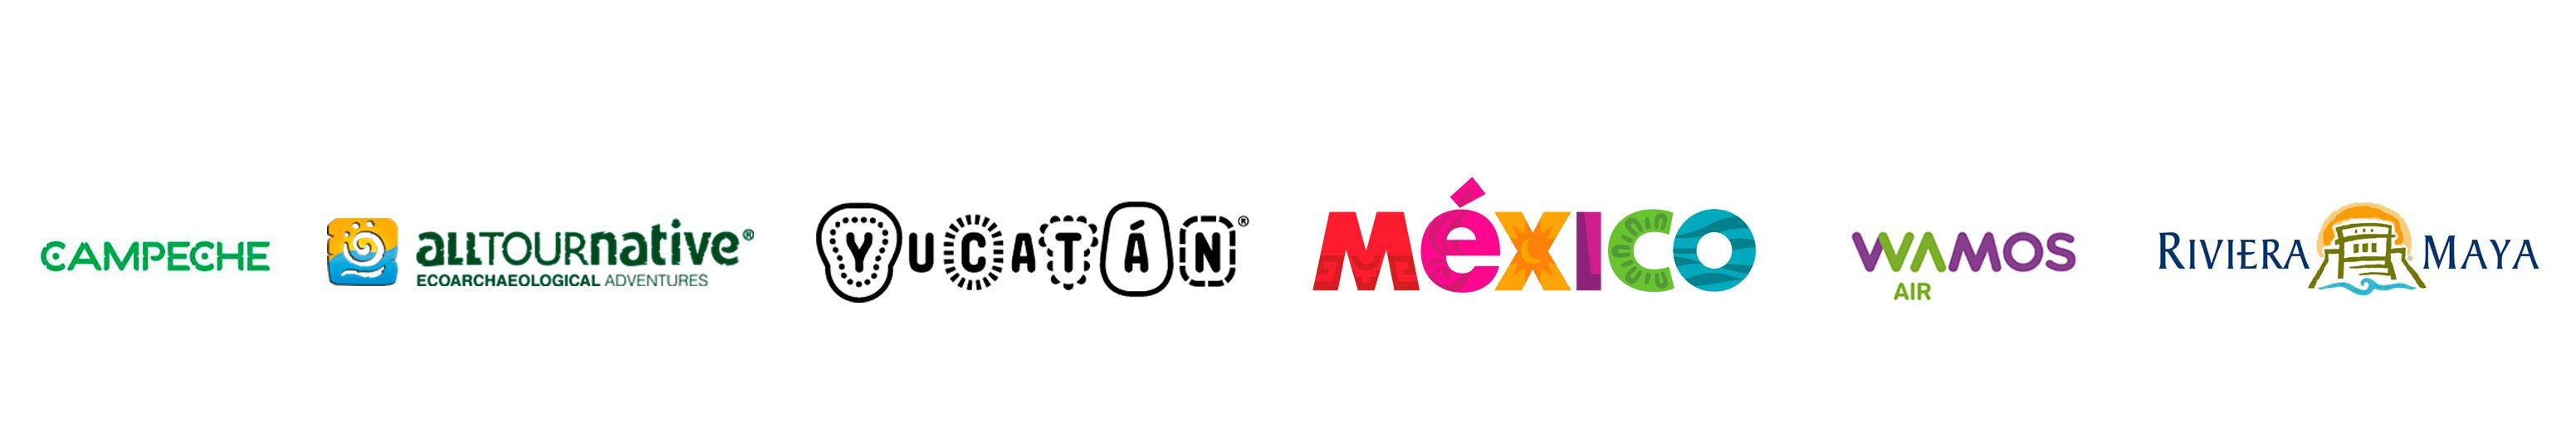 Marcas Visit México